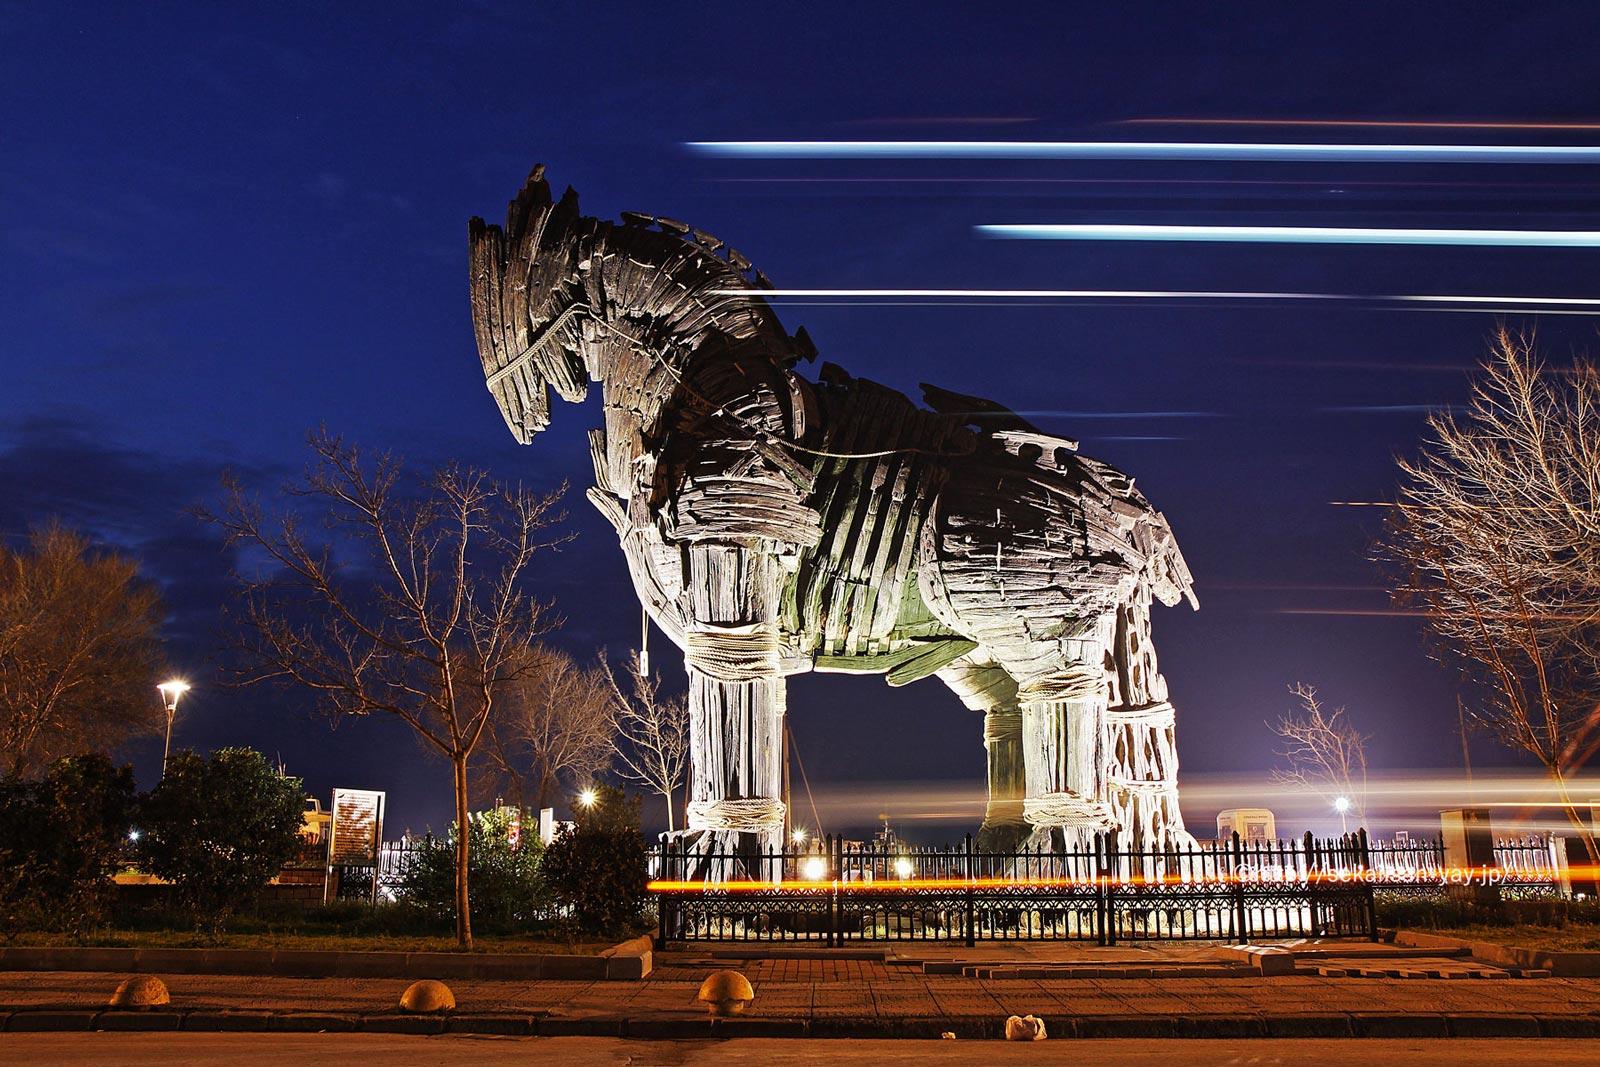 トルコ「トロイの古代遺跡」- 疾走する木馬